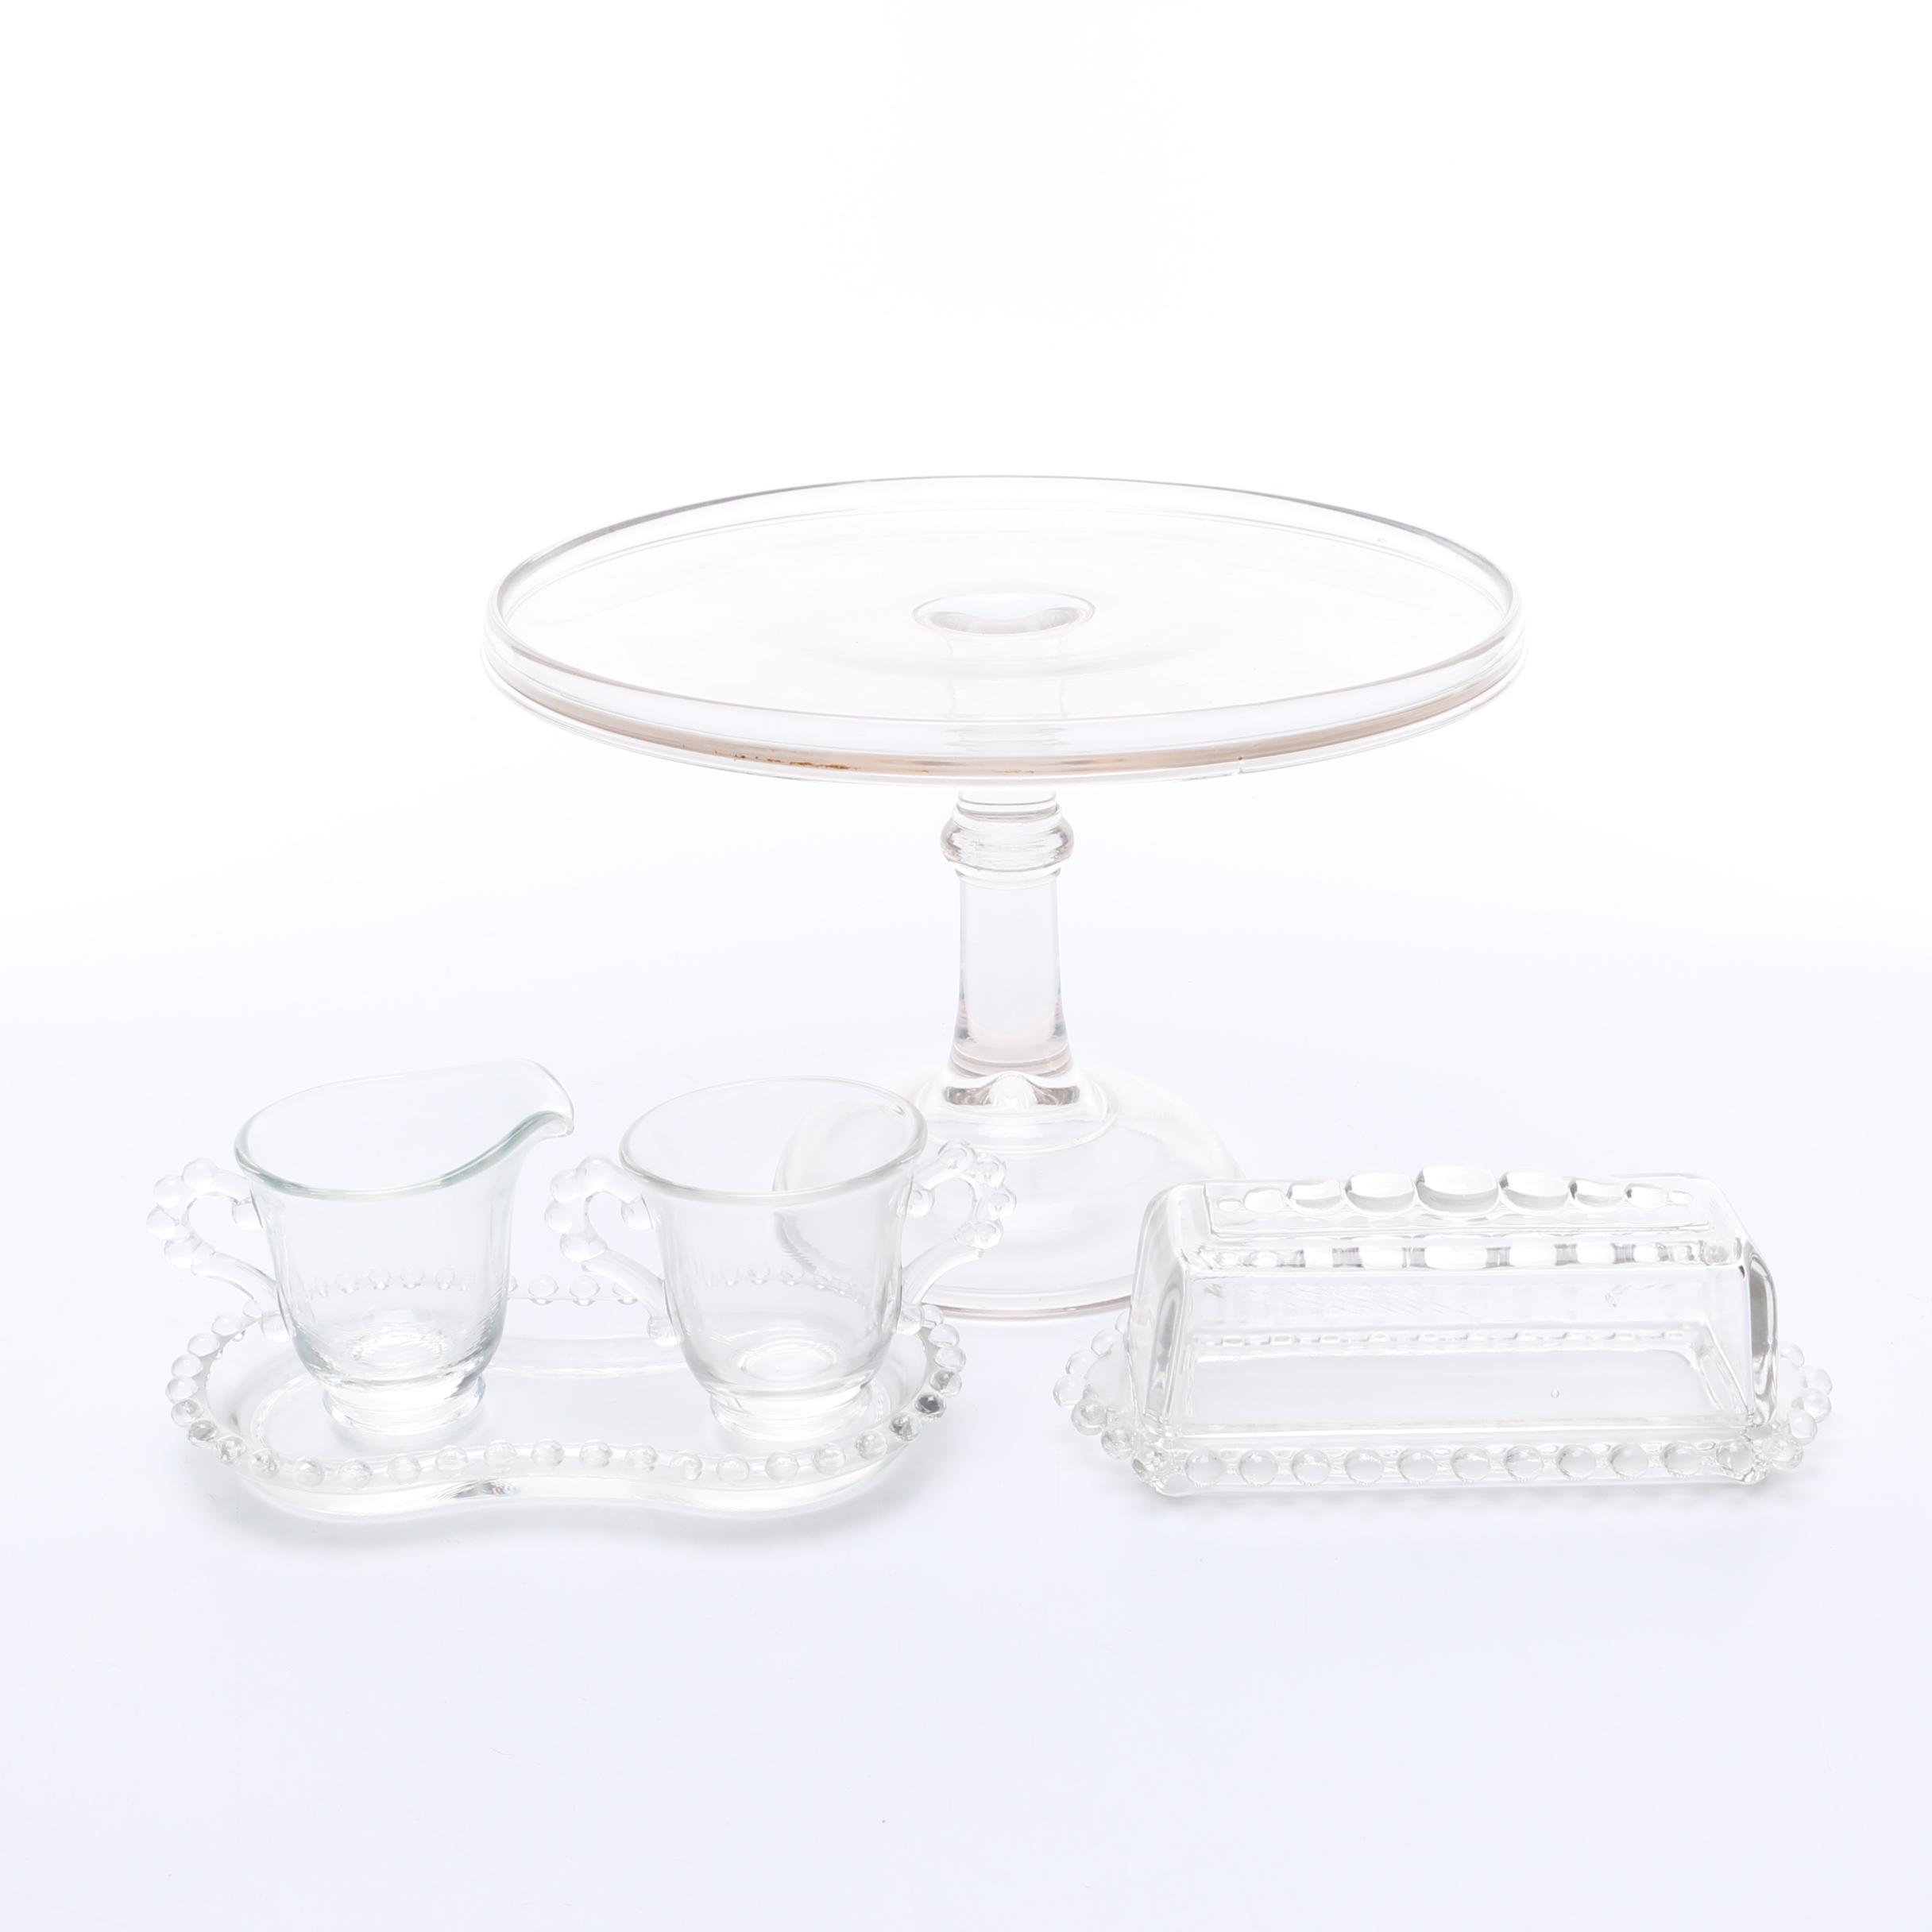 Glass Servingware Items